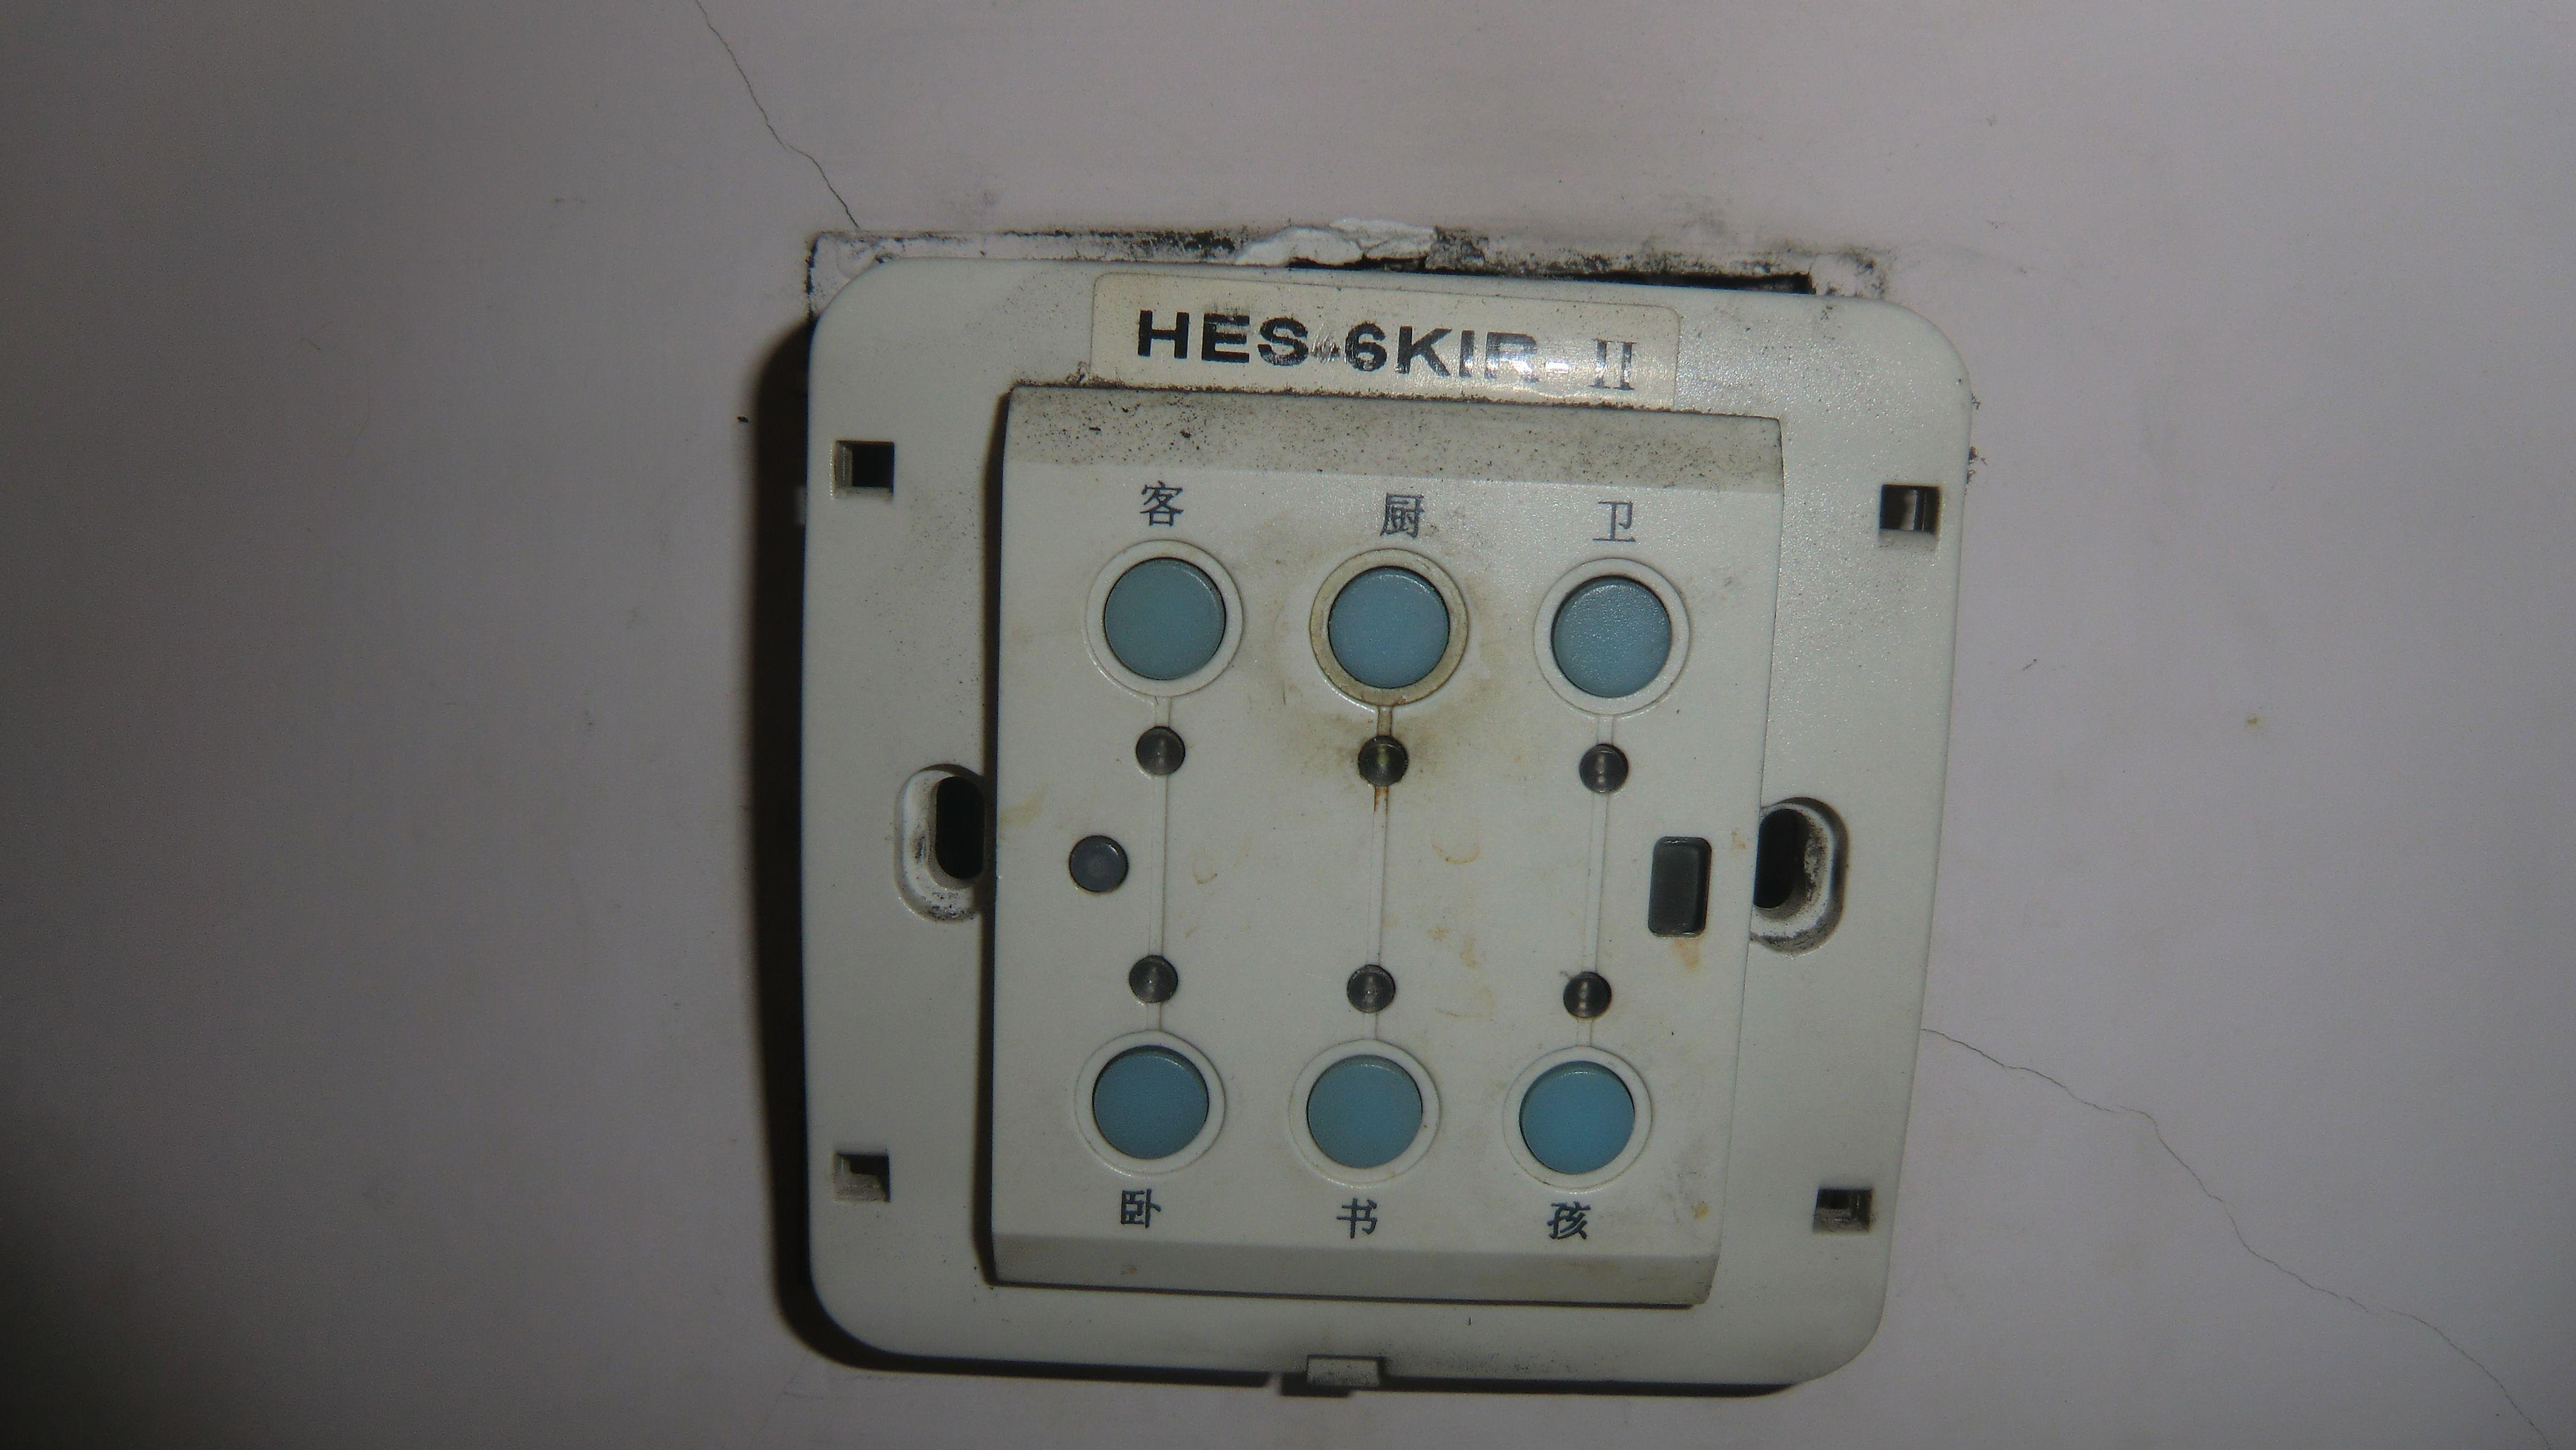 中途开关进线四根,如何接线多地控制控制多灯?需要电路图.谢谢.